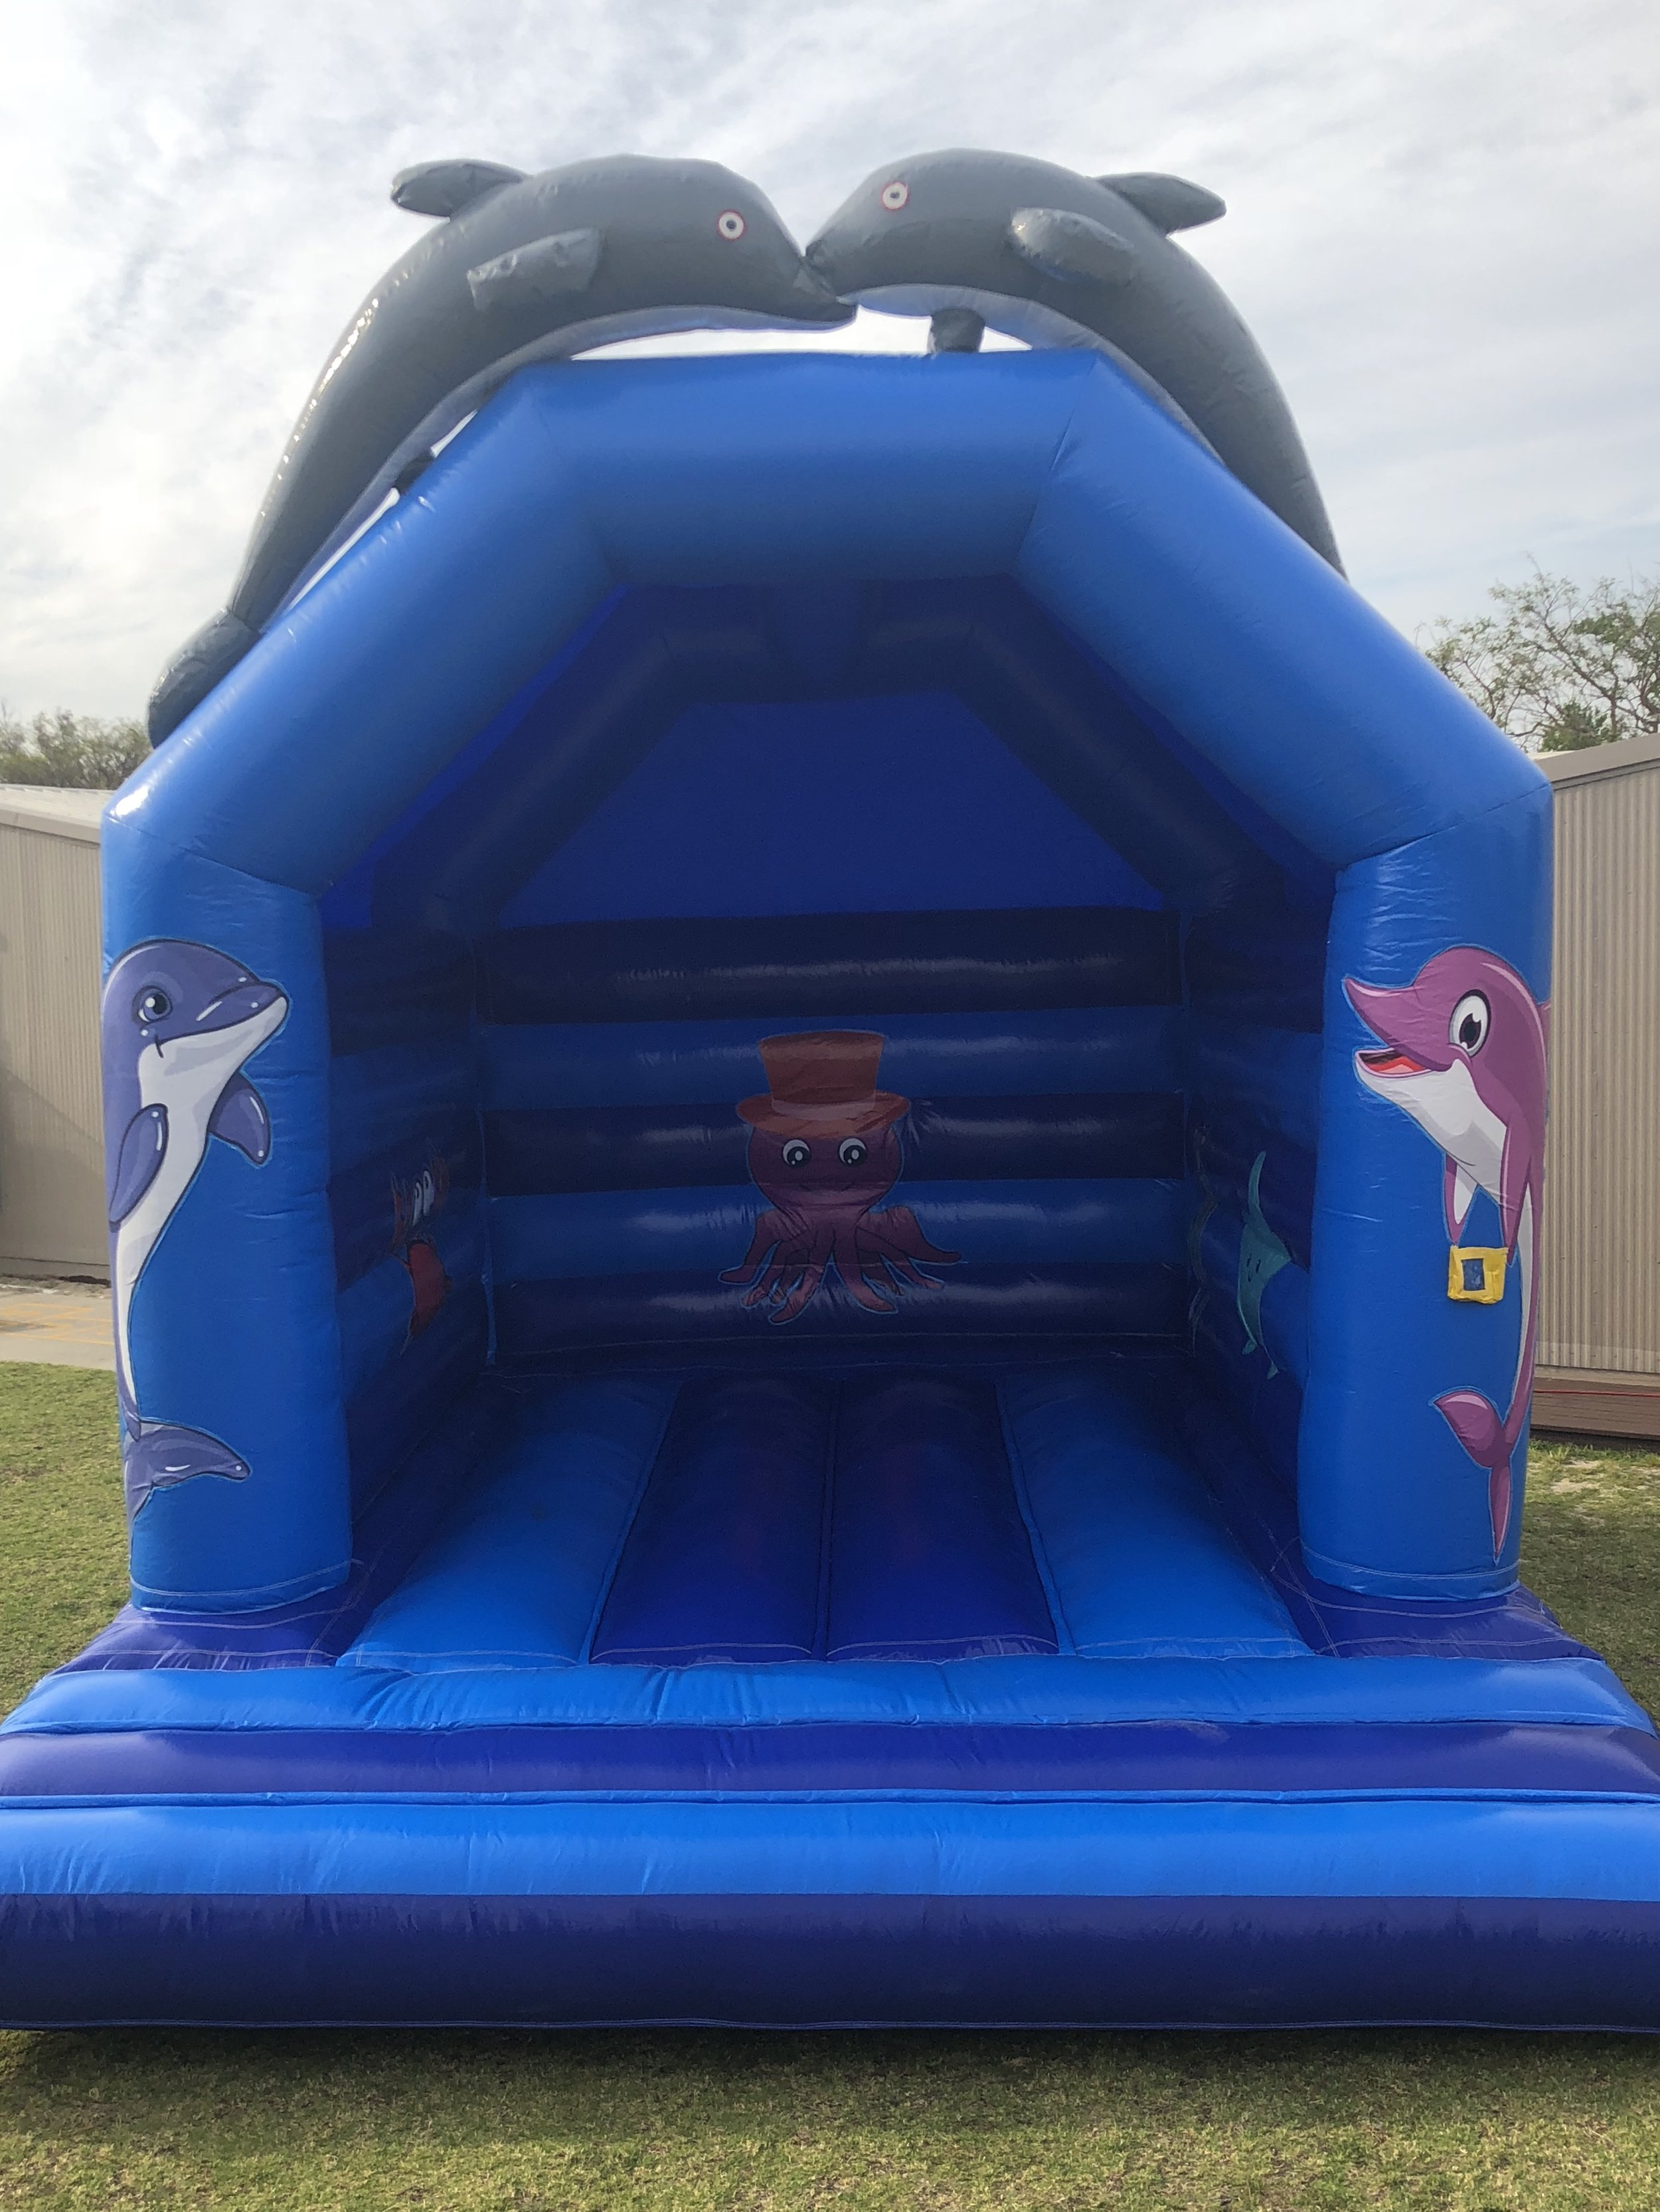 Dolphin Bouncy Castle $350 -